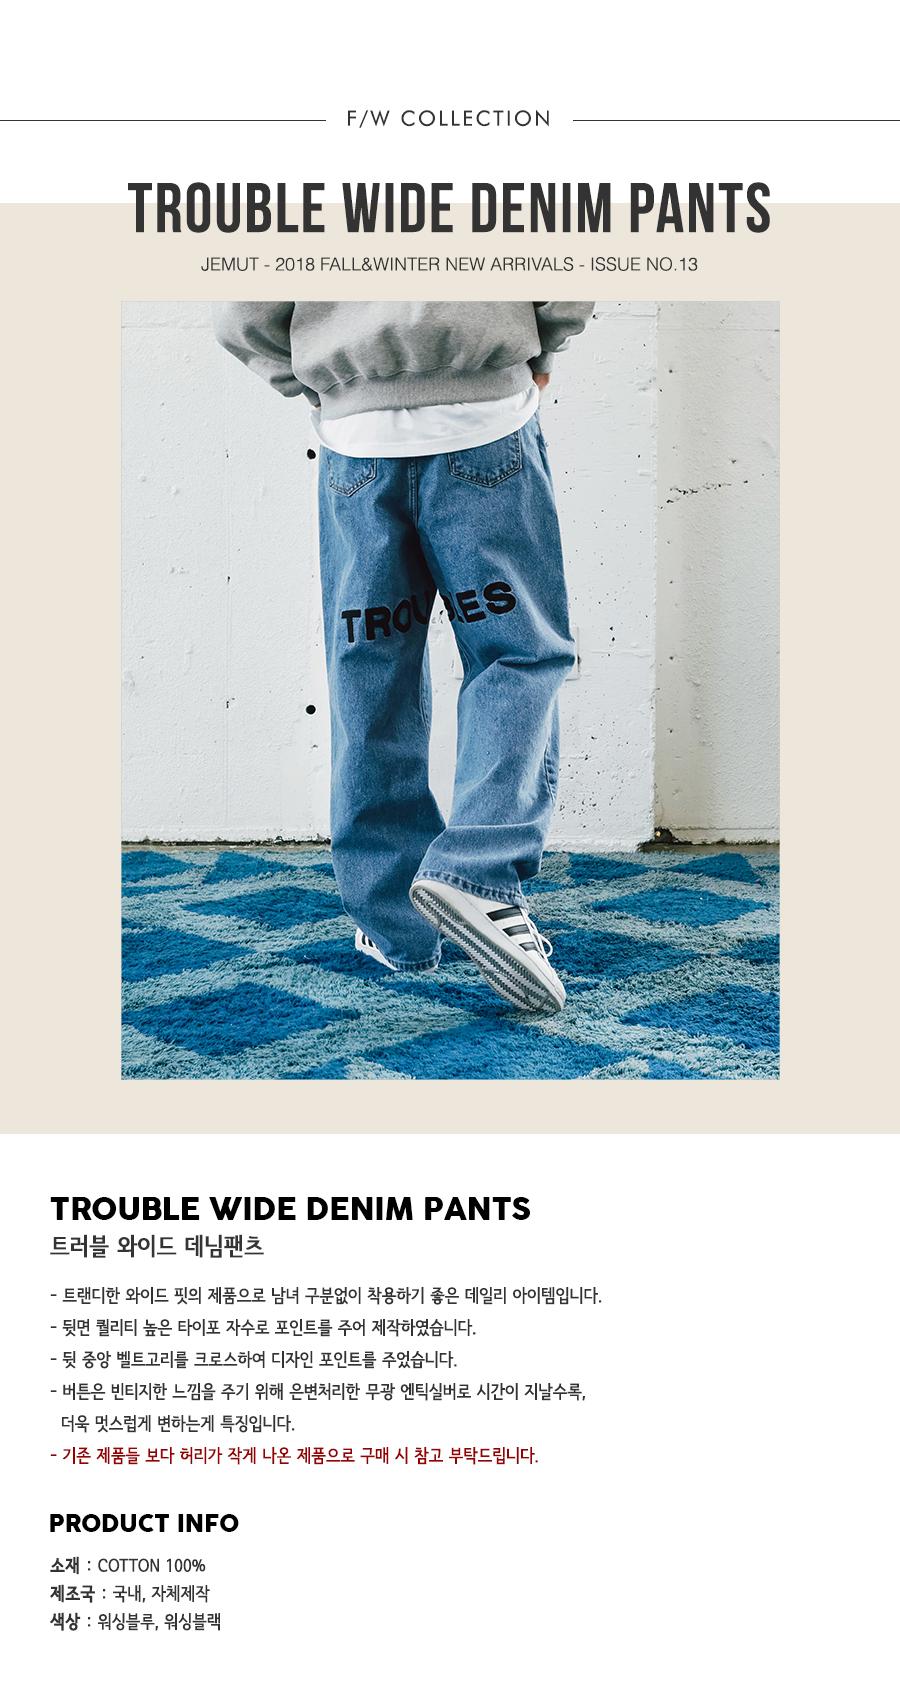 20180921_trouble_denim_pants_title_kj.jpg